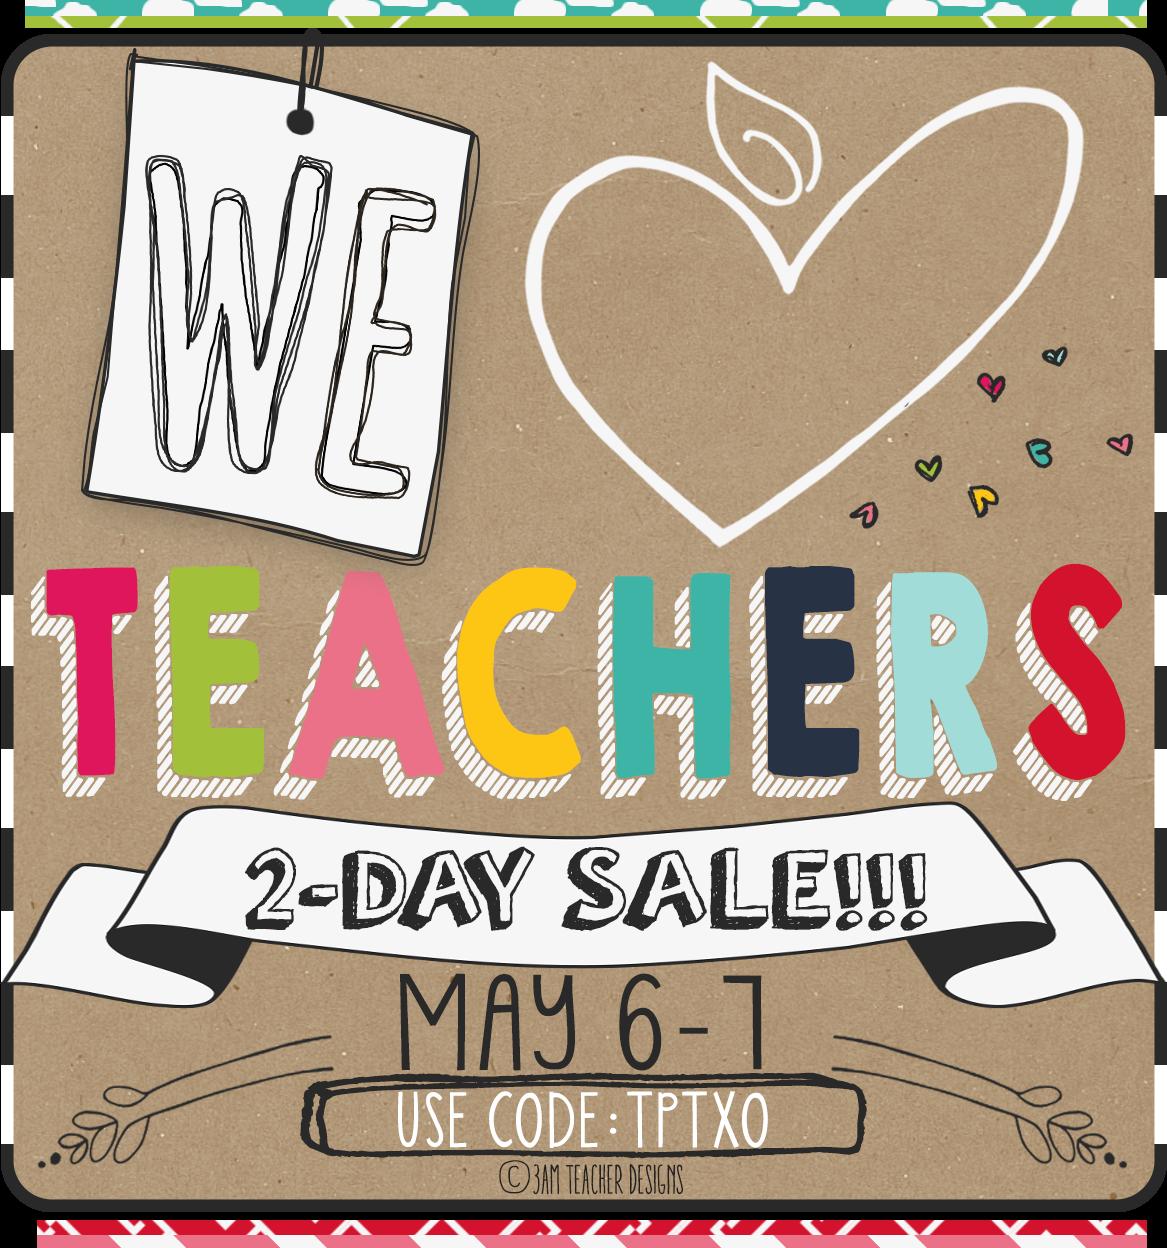 http://www.teacherspayteachers.com/Store/Fern-Smiths-Classroom-Ideas